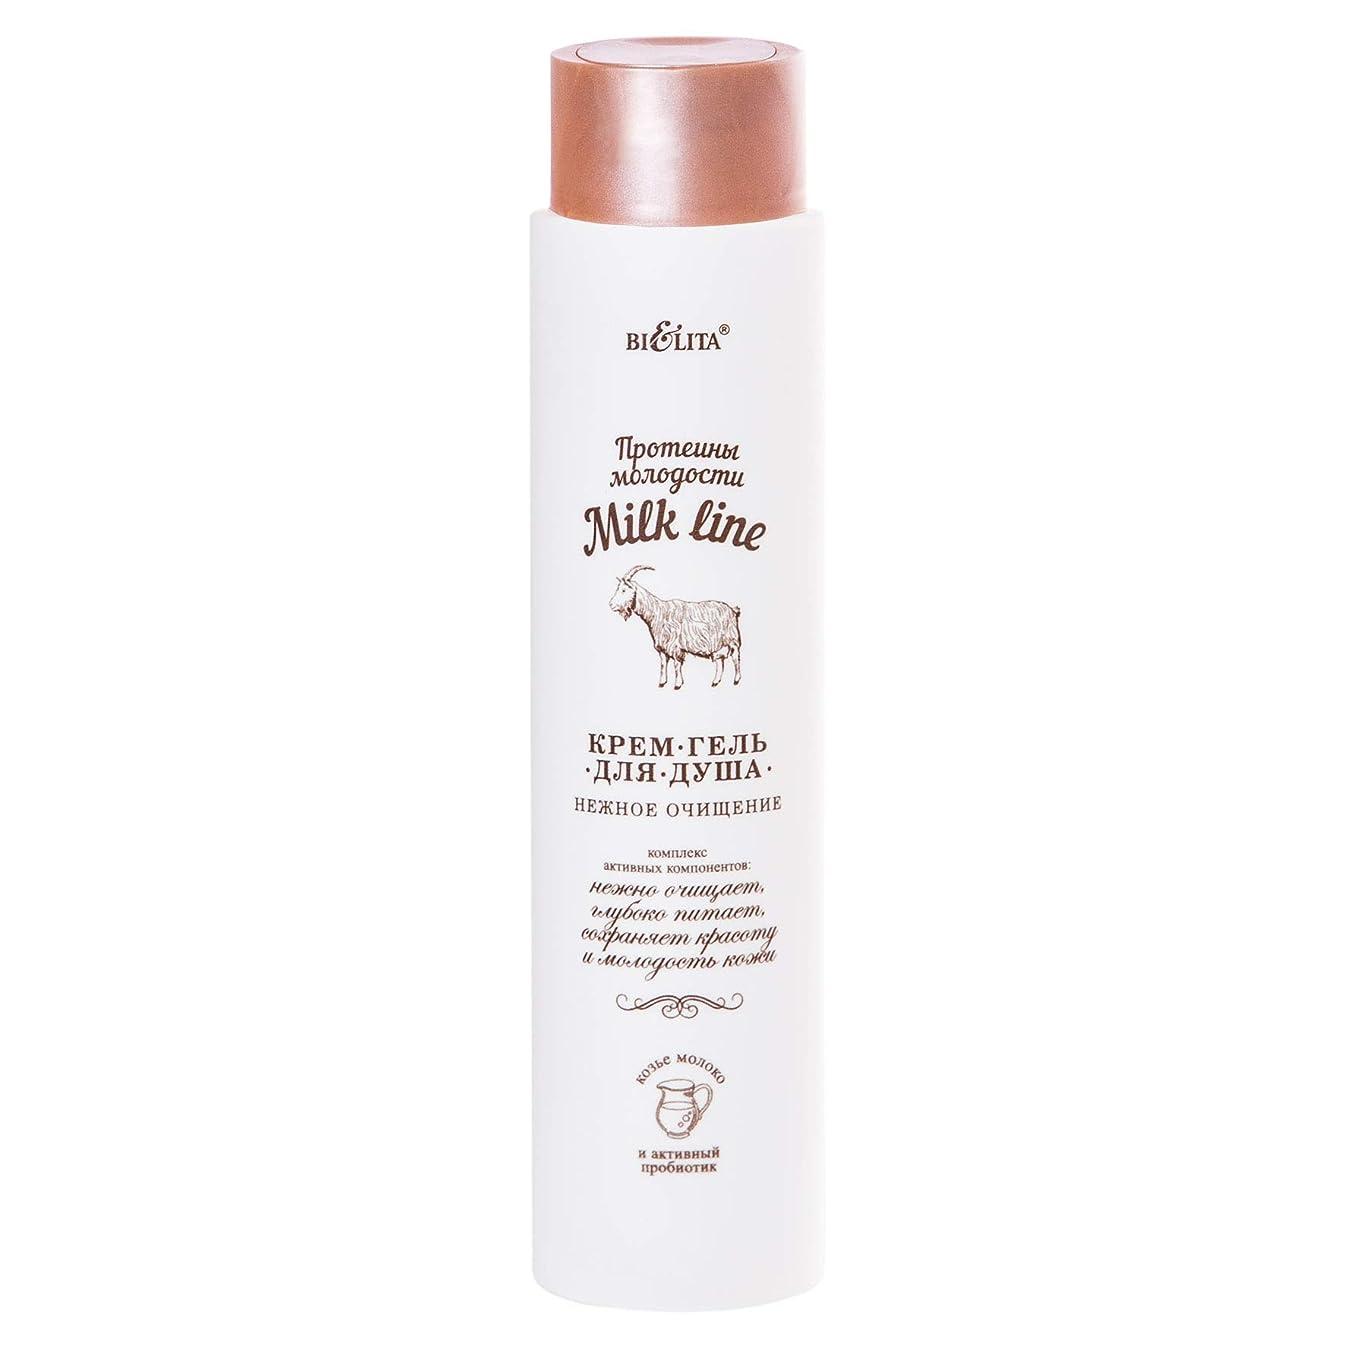 超高層ビル上陸スマッシュBielita & Vitex | Milk Line | Cream Shower Gel GENTLE CLEANING | Goat Milk Proteins | Toniskin | Vitamins A, C, E, F | Coconut Oil | 400ml